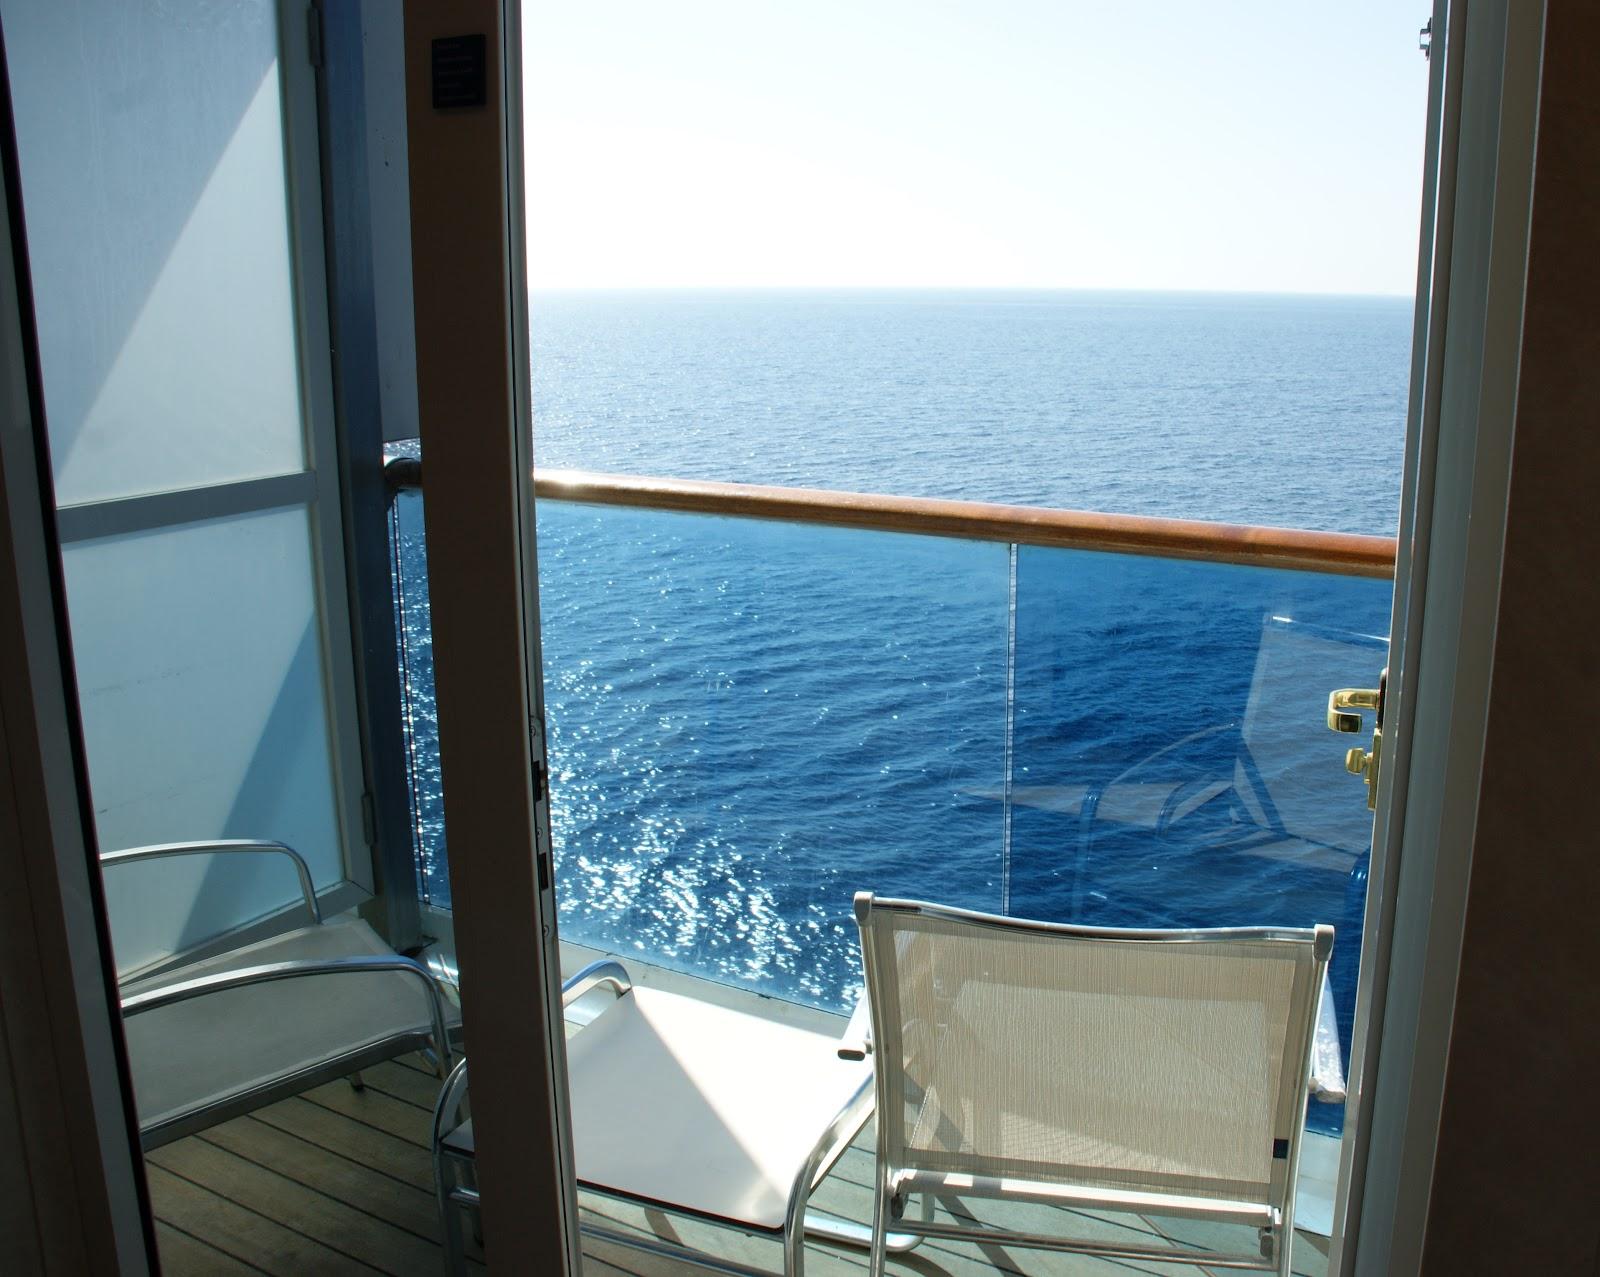 Costa crociere turisti a ogni costo for Quali cabine sono disponibili sulle navi da crociera